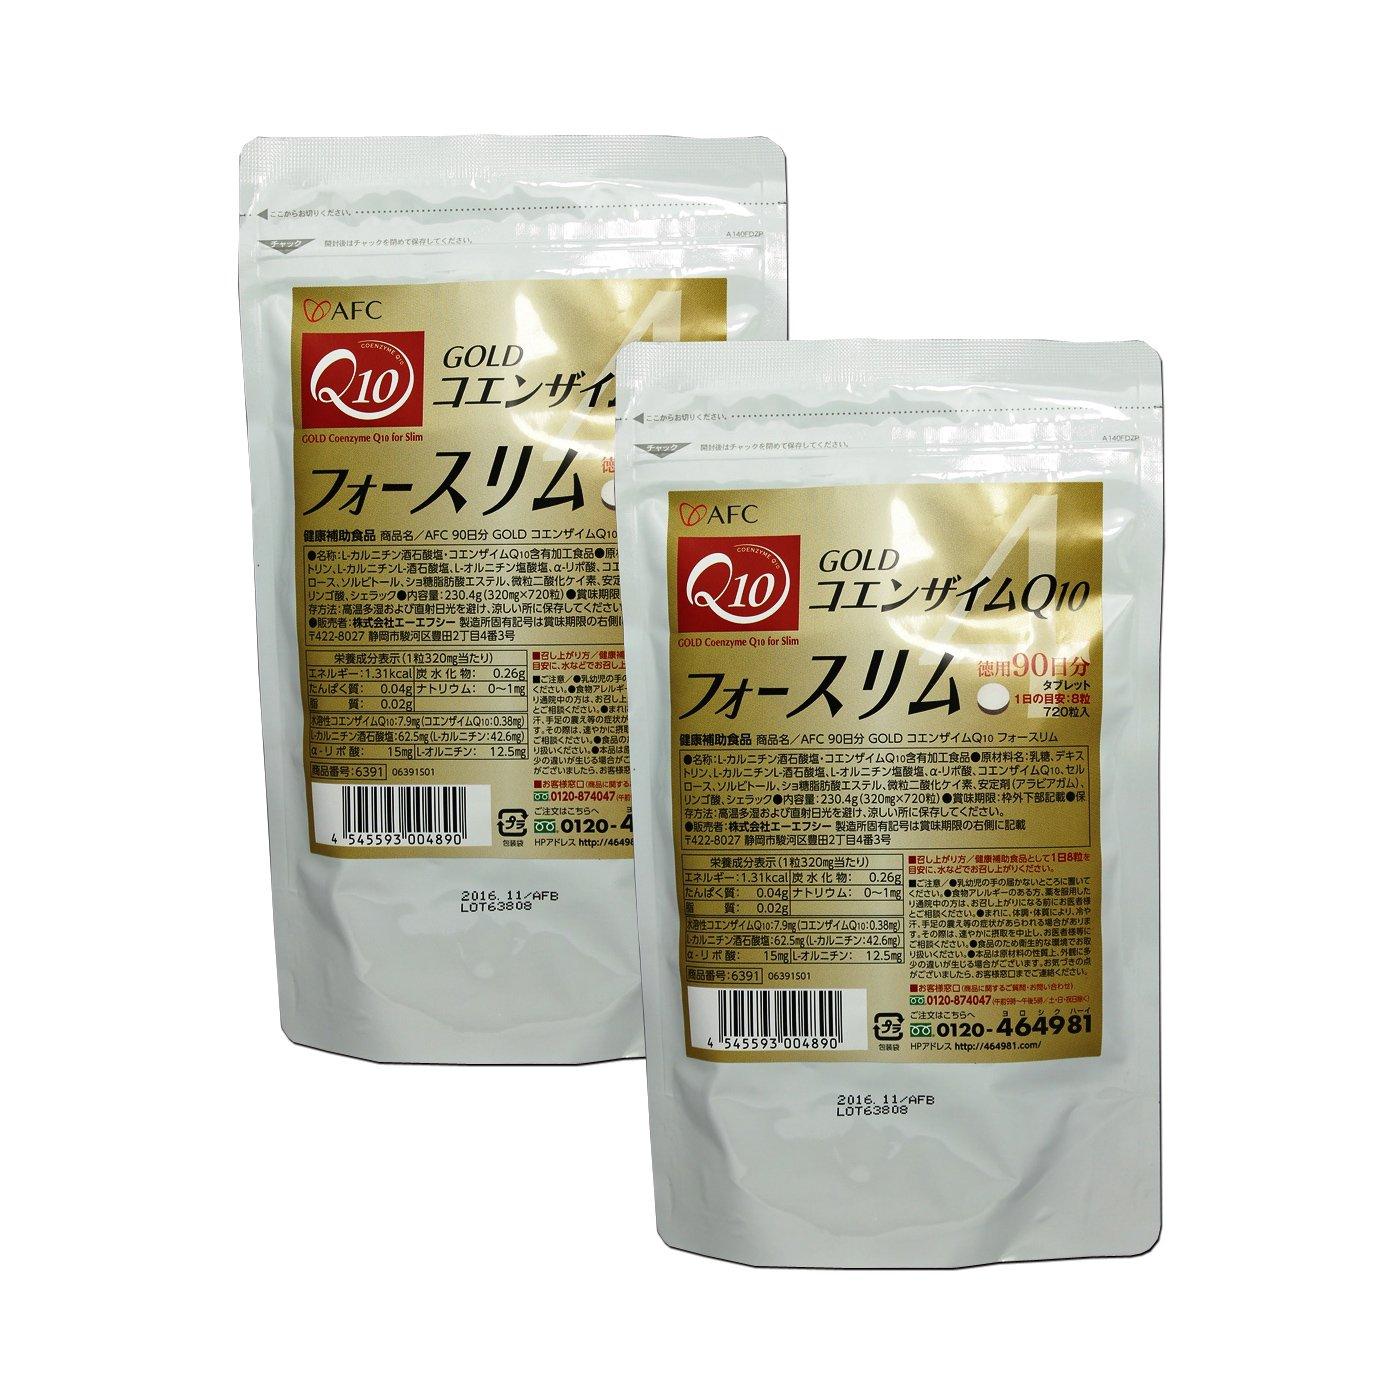 AFC GOLD 水溶性コエンザイムQ10 フォースリム 6ヵ月分(90日シリーズ×2個セット) B00OQ7V4Y4